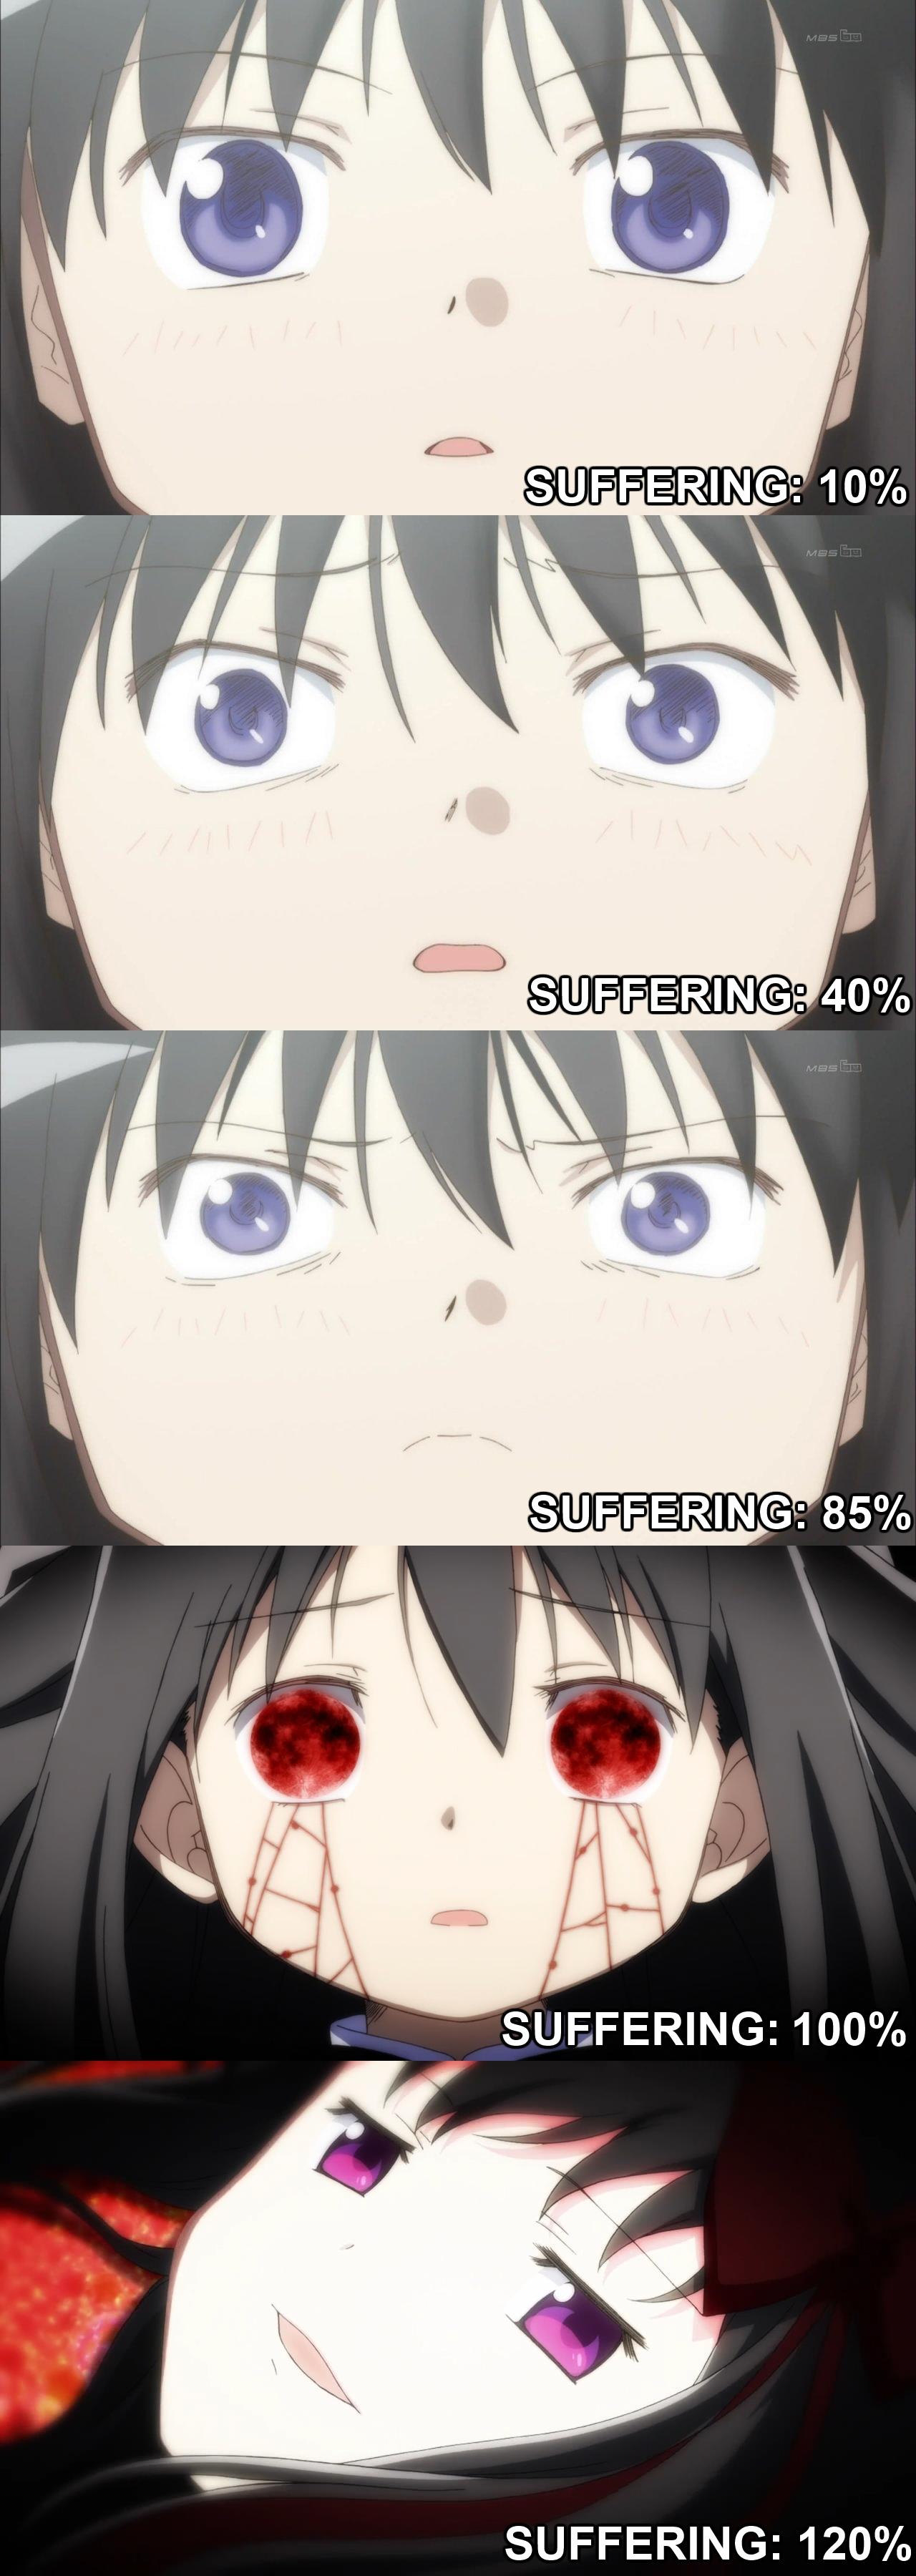 72f homura's levels of suffering puella magi madoka magica know,Puella Magi Madoka Magica Meme